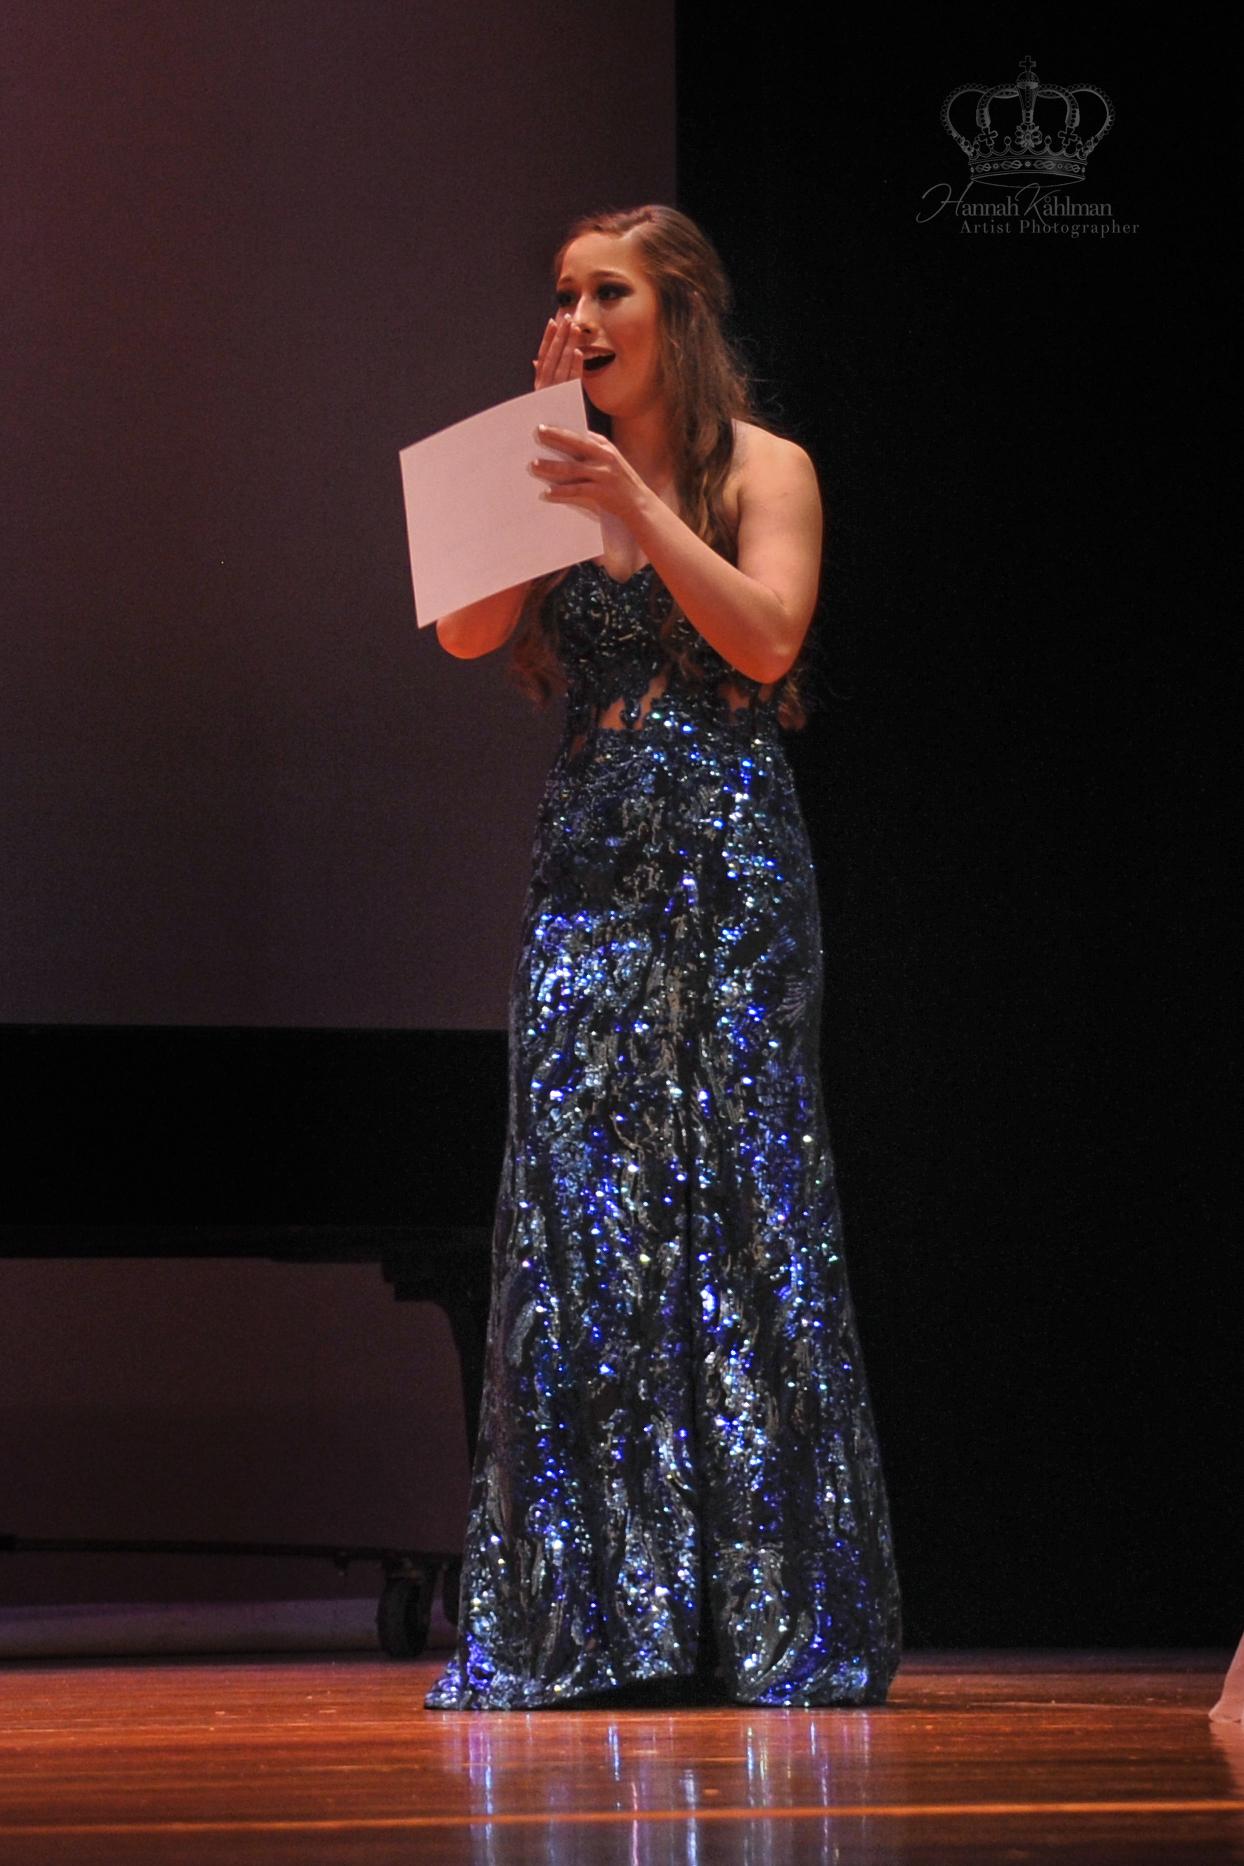 Miss Anchorage OT 2018 Pageant by Hannah Kahlman Artist Photographer wwwhannahkahlmancom (6)